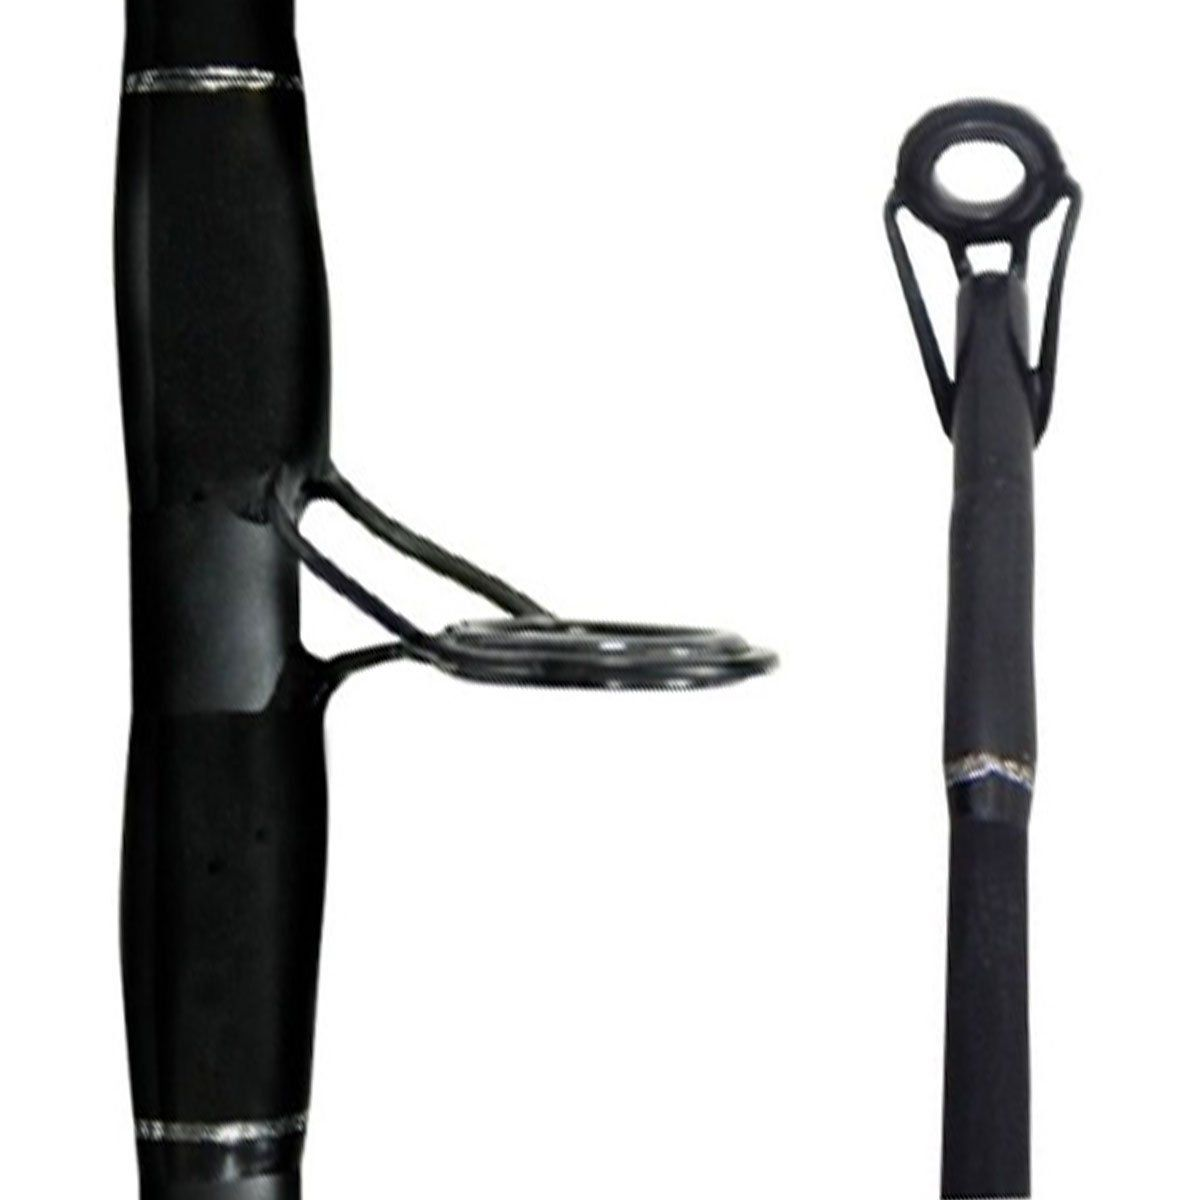 Vara Saint Plus Hammer IM8 Carretilha 7-17LB 562-BC